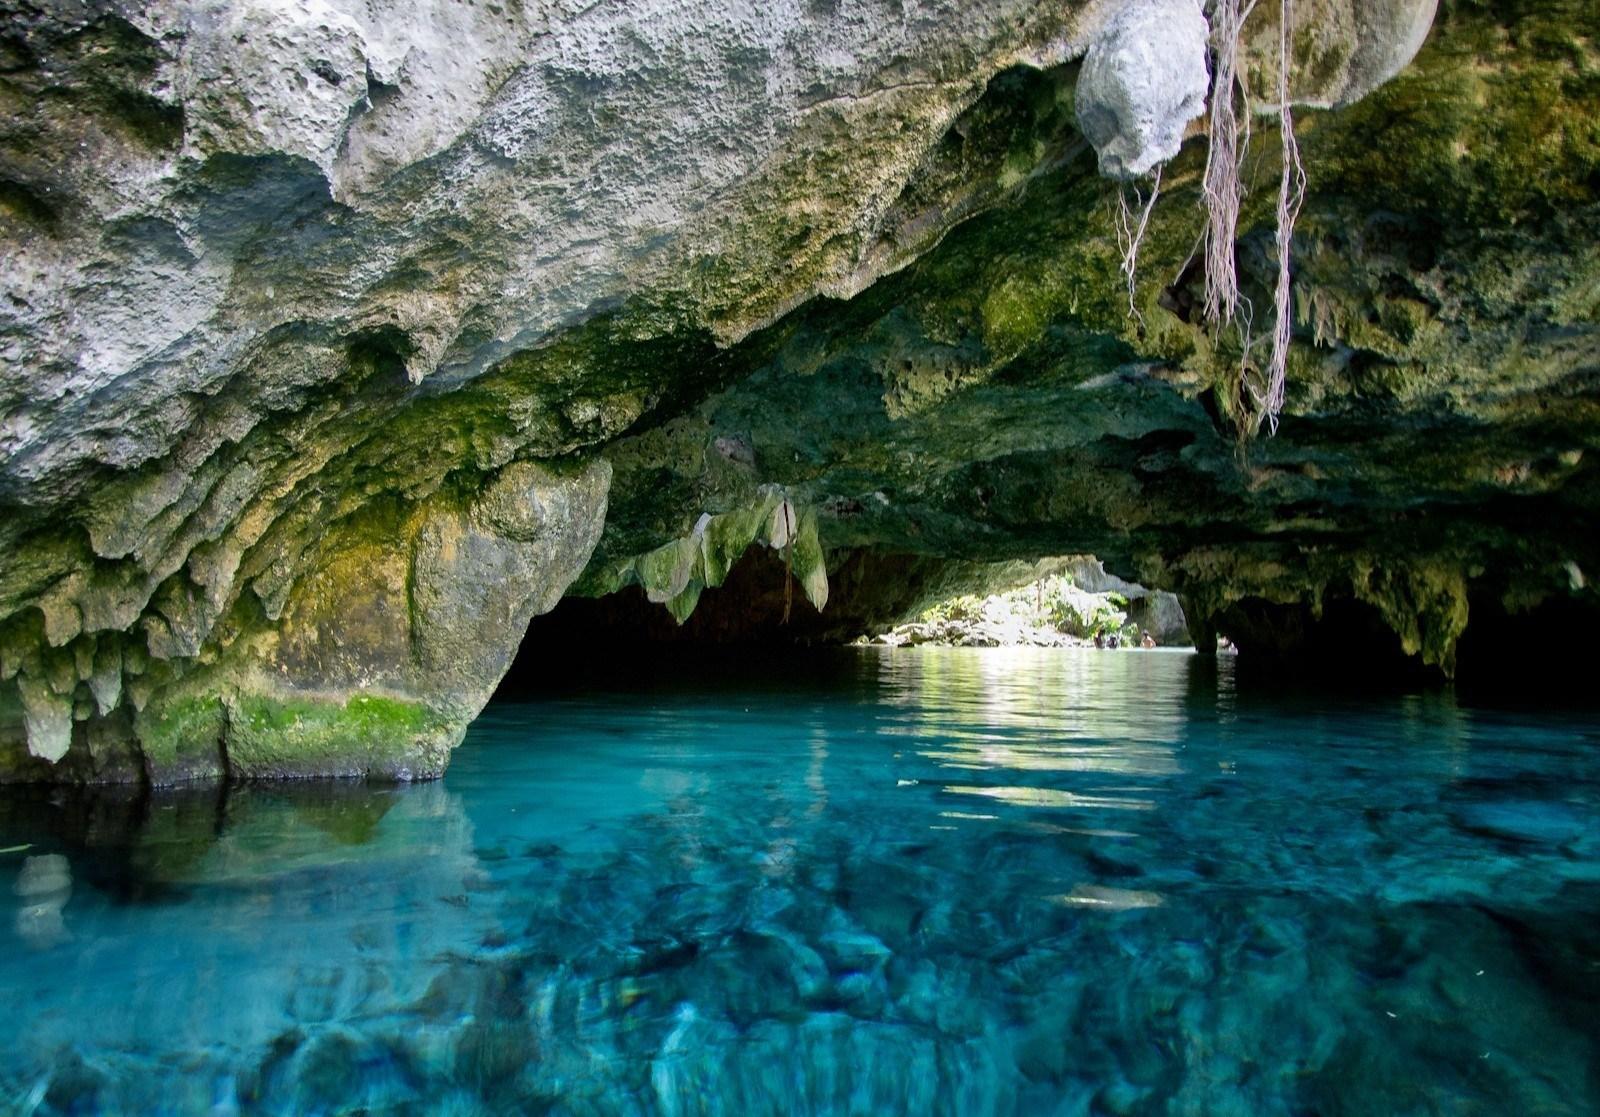 Cenote Chihuán